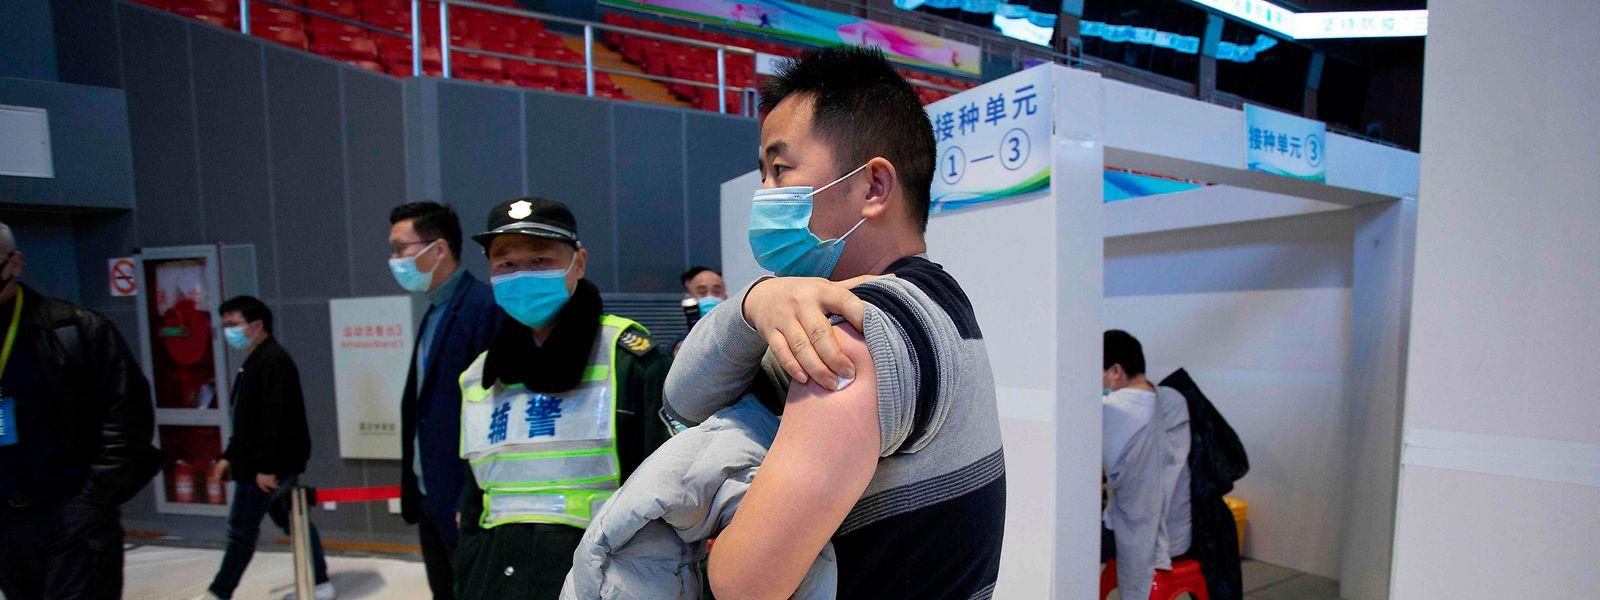 Rund 23 Millionen Impfstoffdosen wurden bisher in China verabreicht. Damit hinkt die Volksrepublik ihren hochgesteckten Zielen weit hinterher.